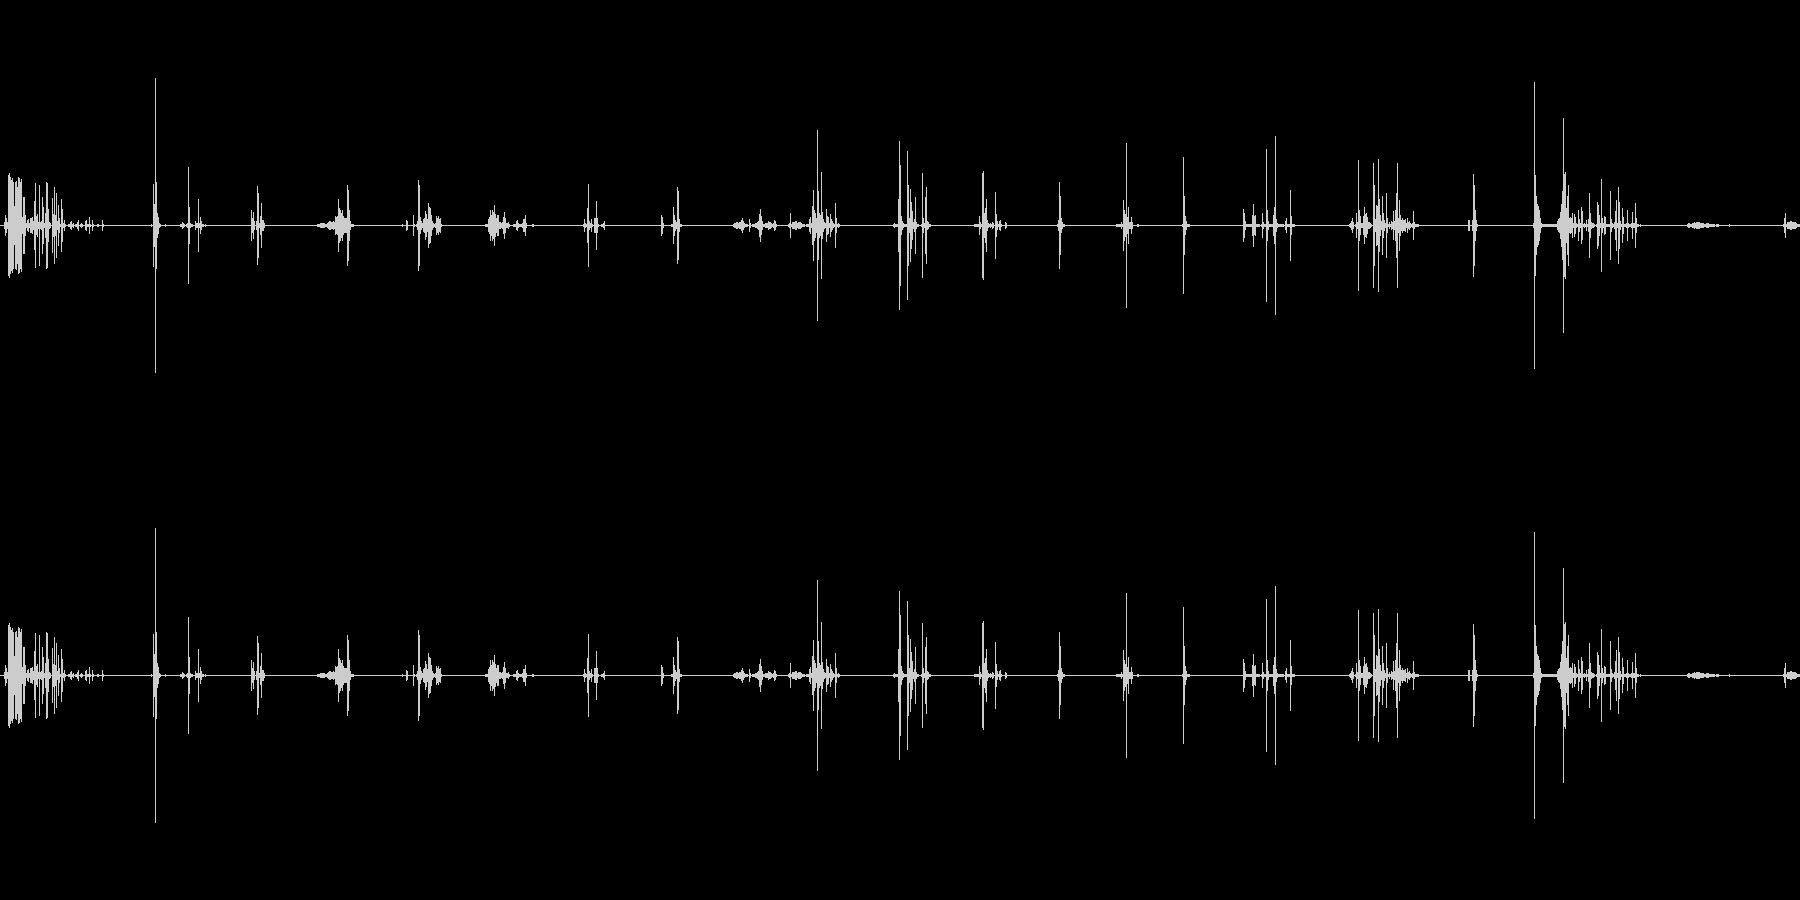 ラックからの要素:メタル/ウッドセ...の未再生の波形